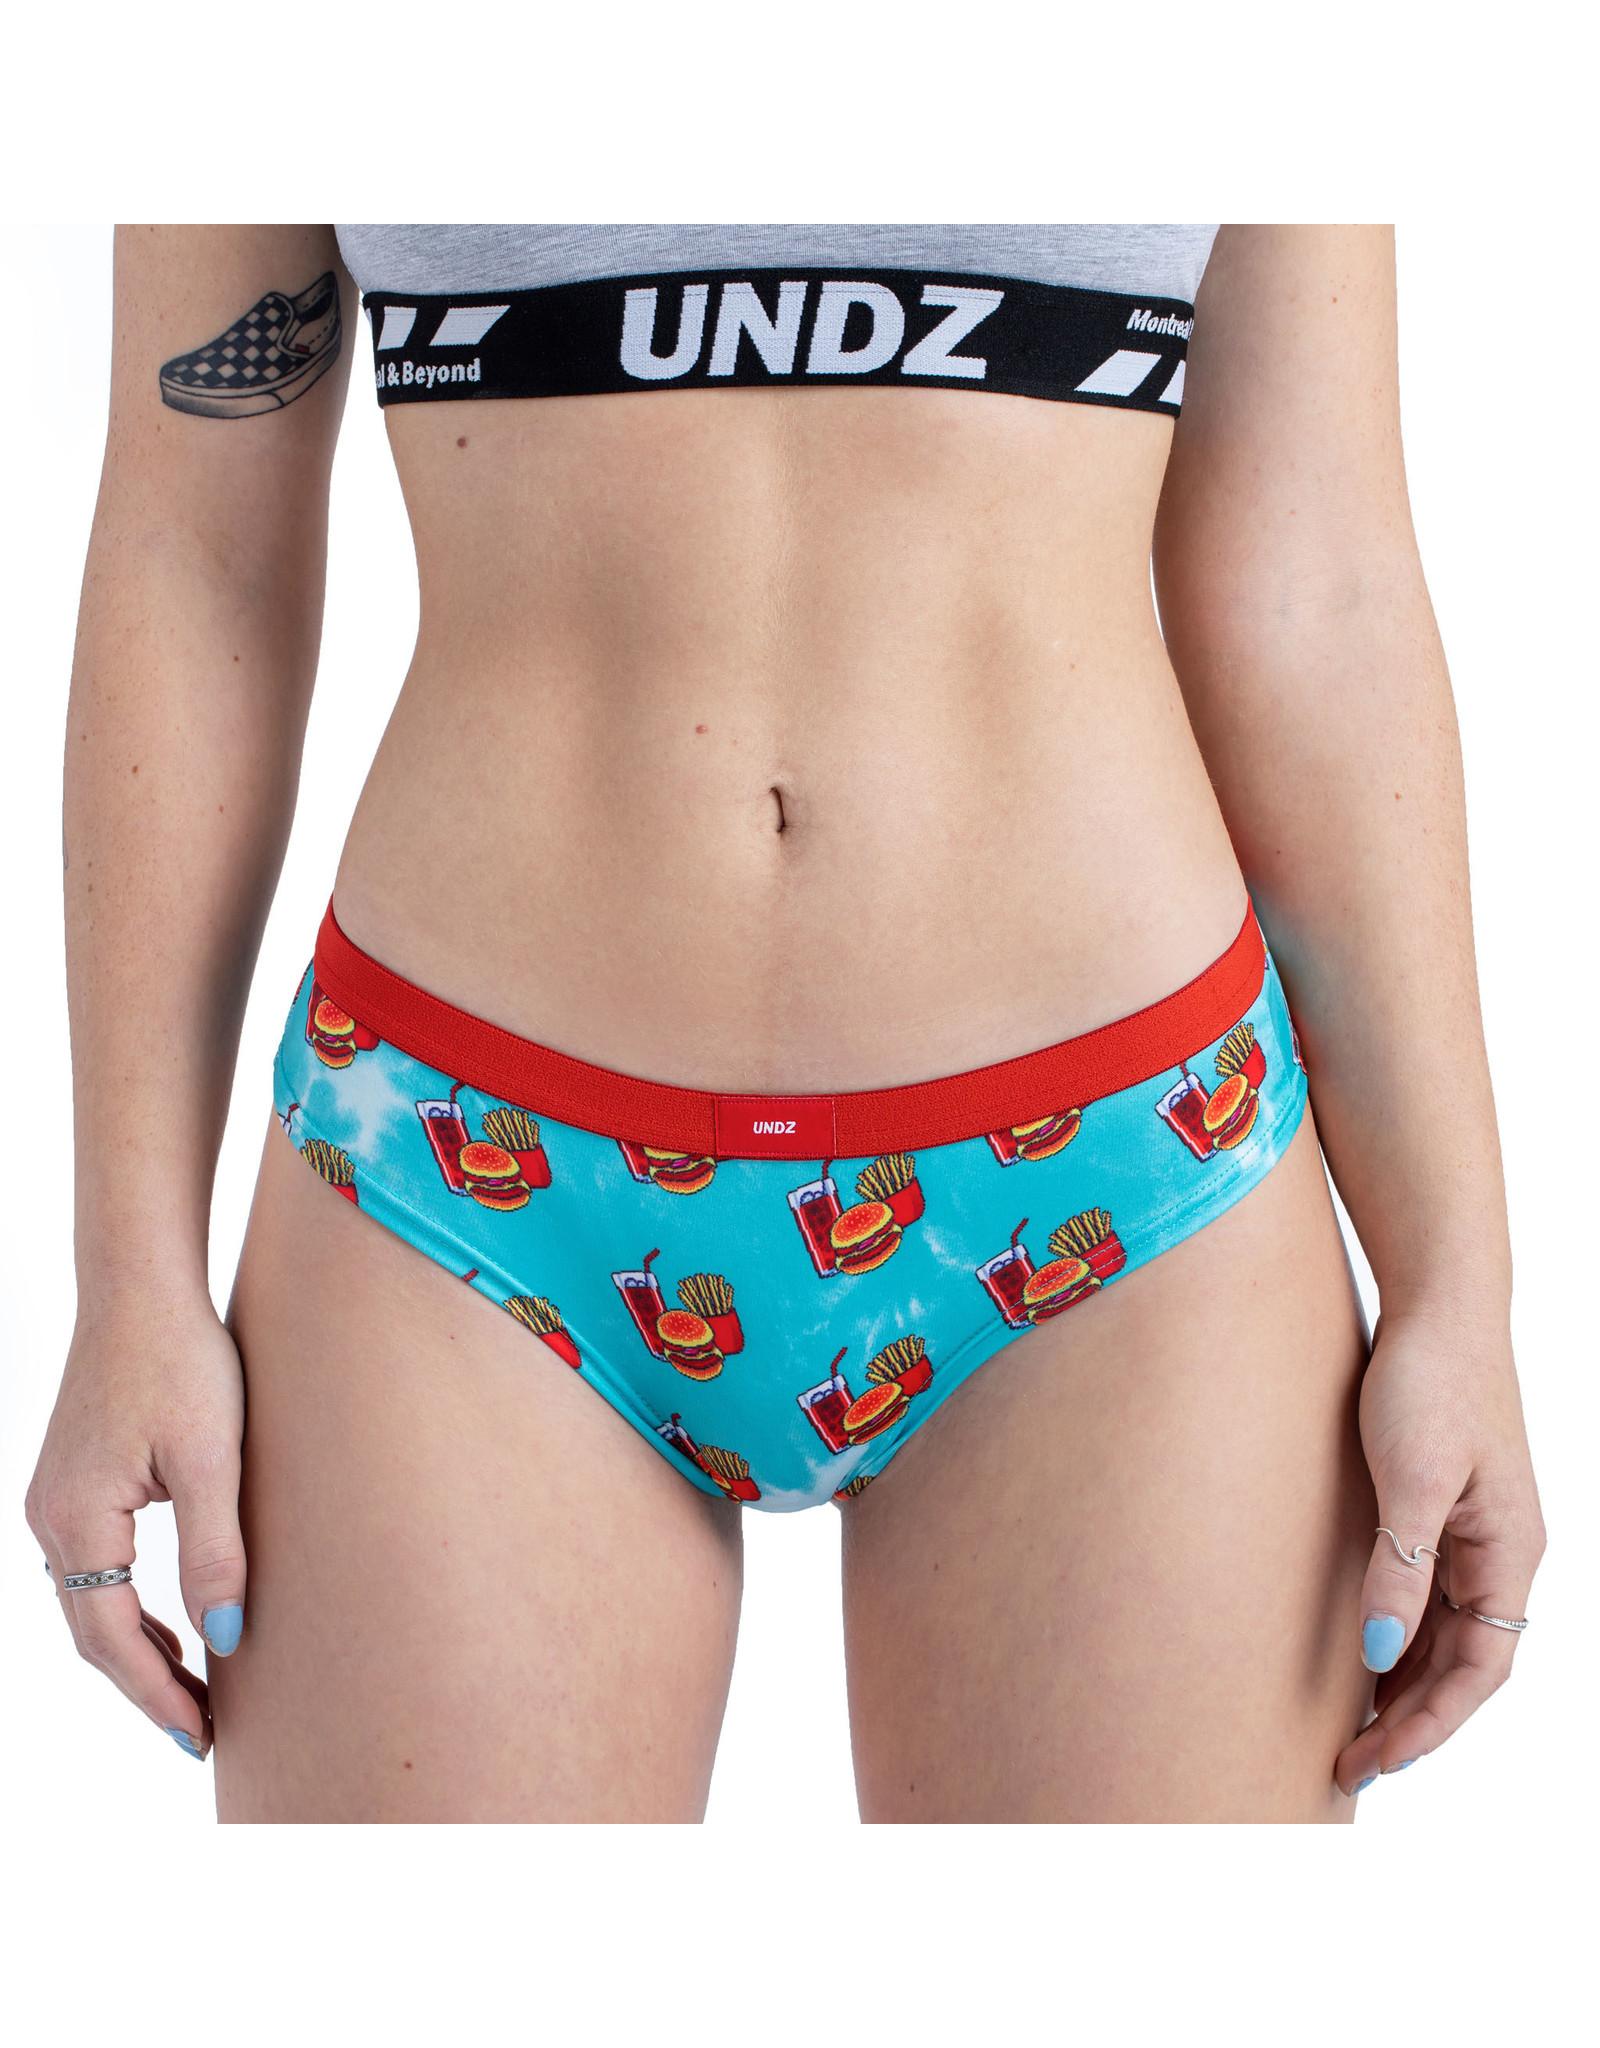 undz Undz - boxer craving